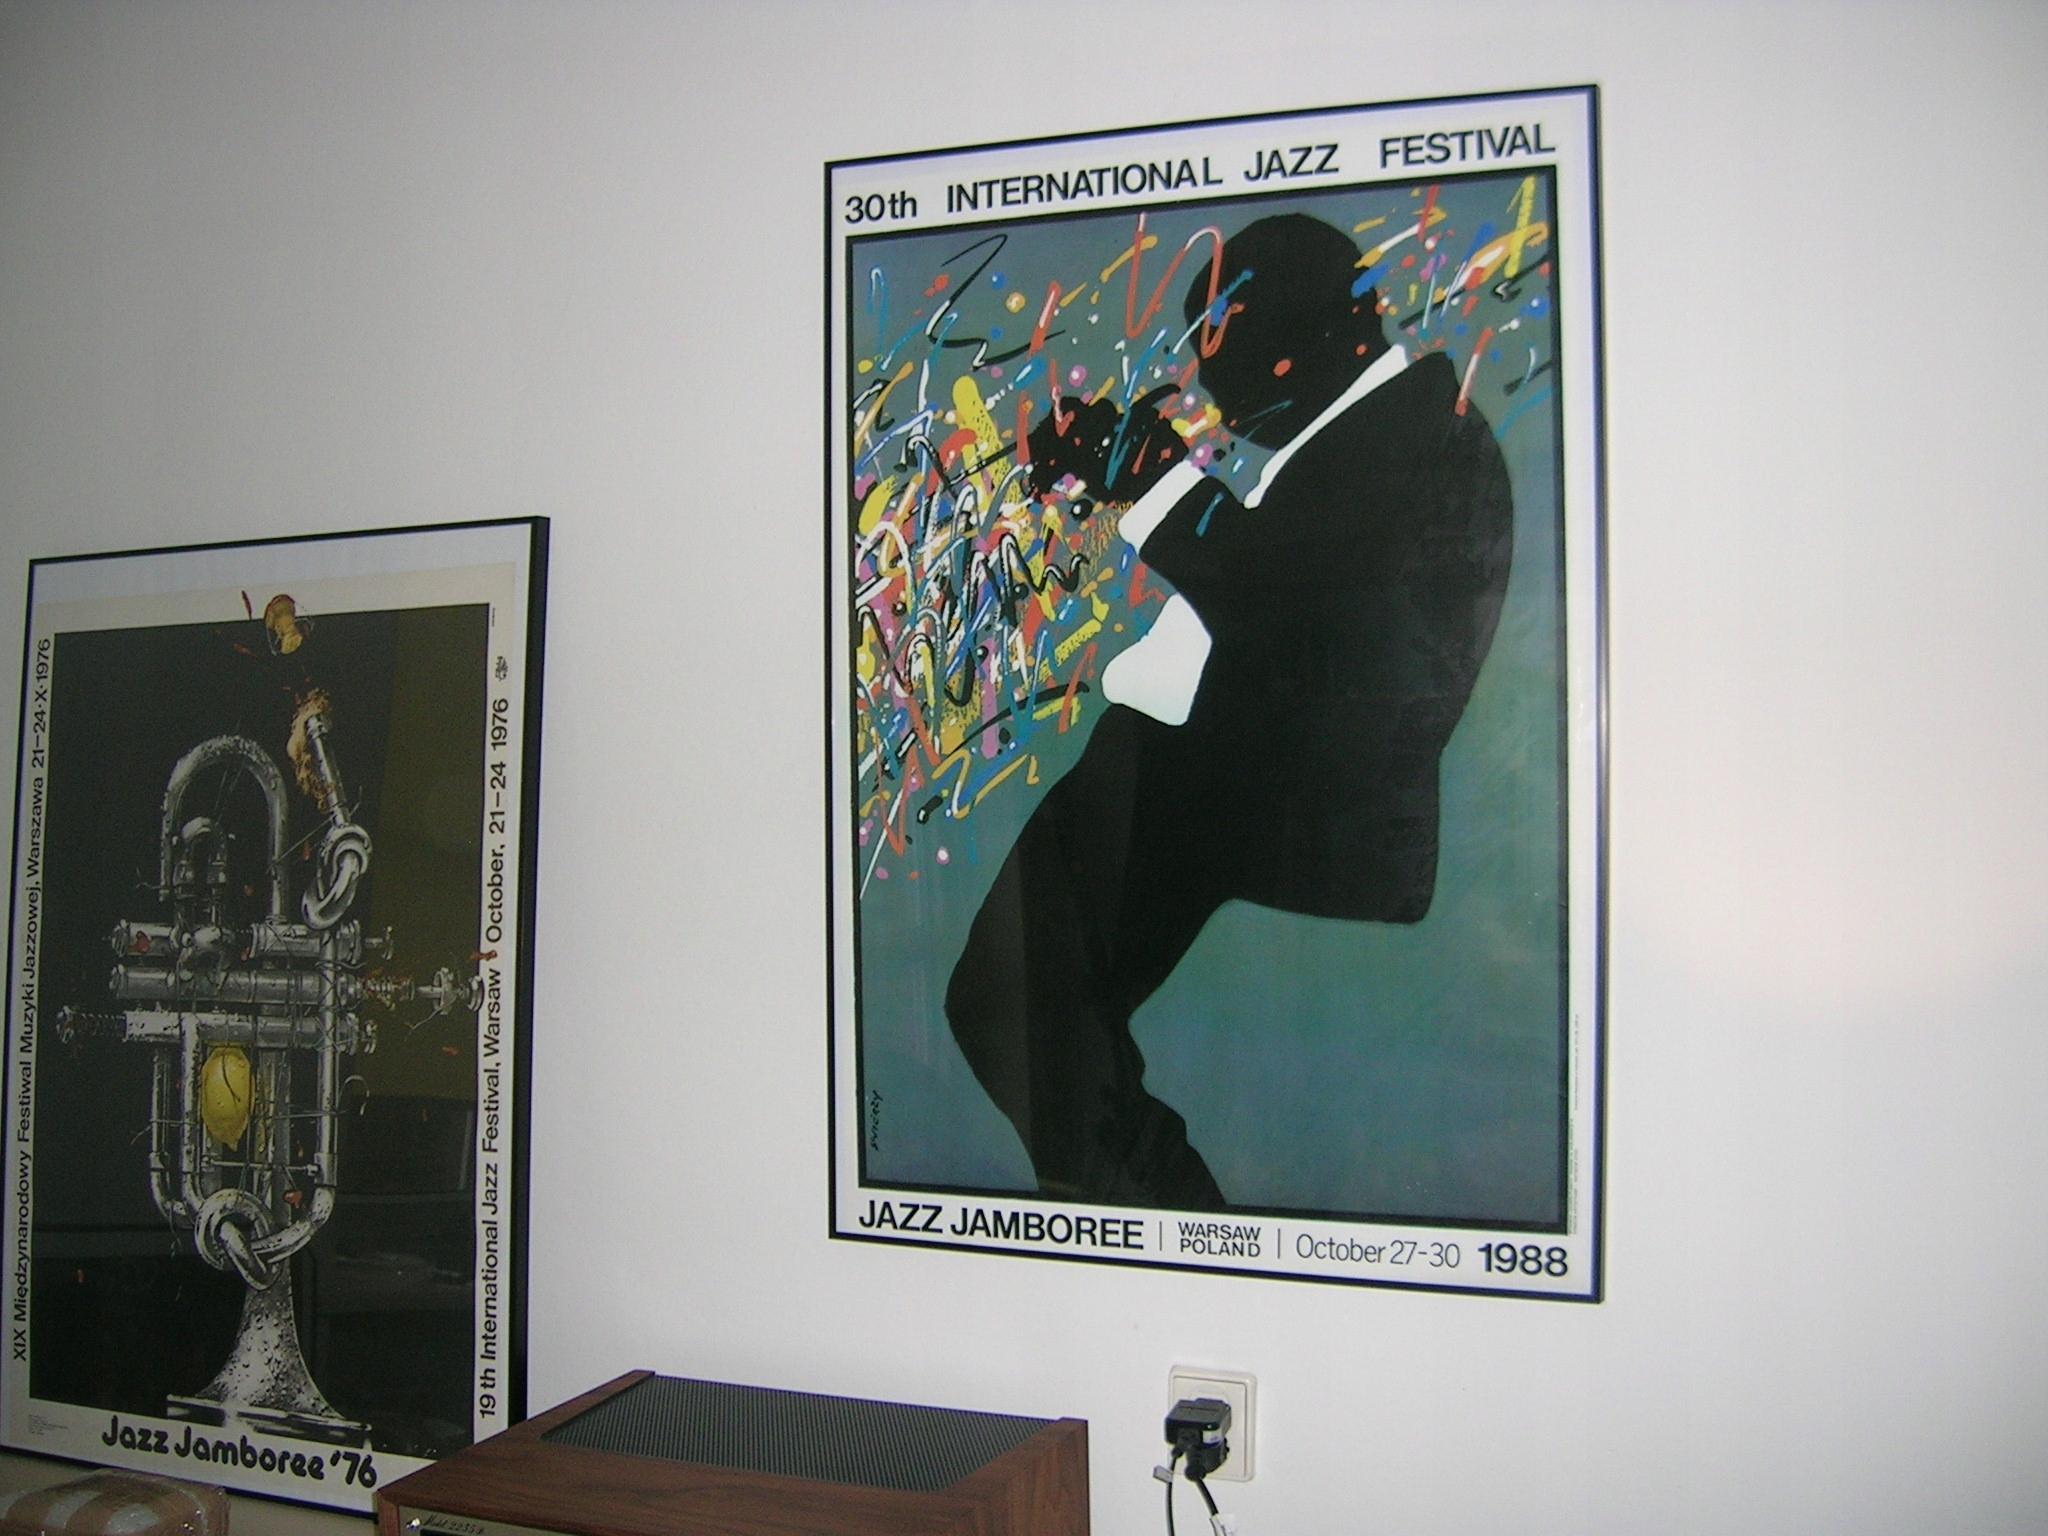 Jazz Jamboree 1988 Plakat Waldemar świerzy